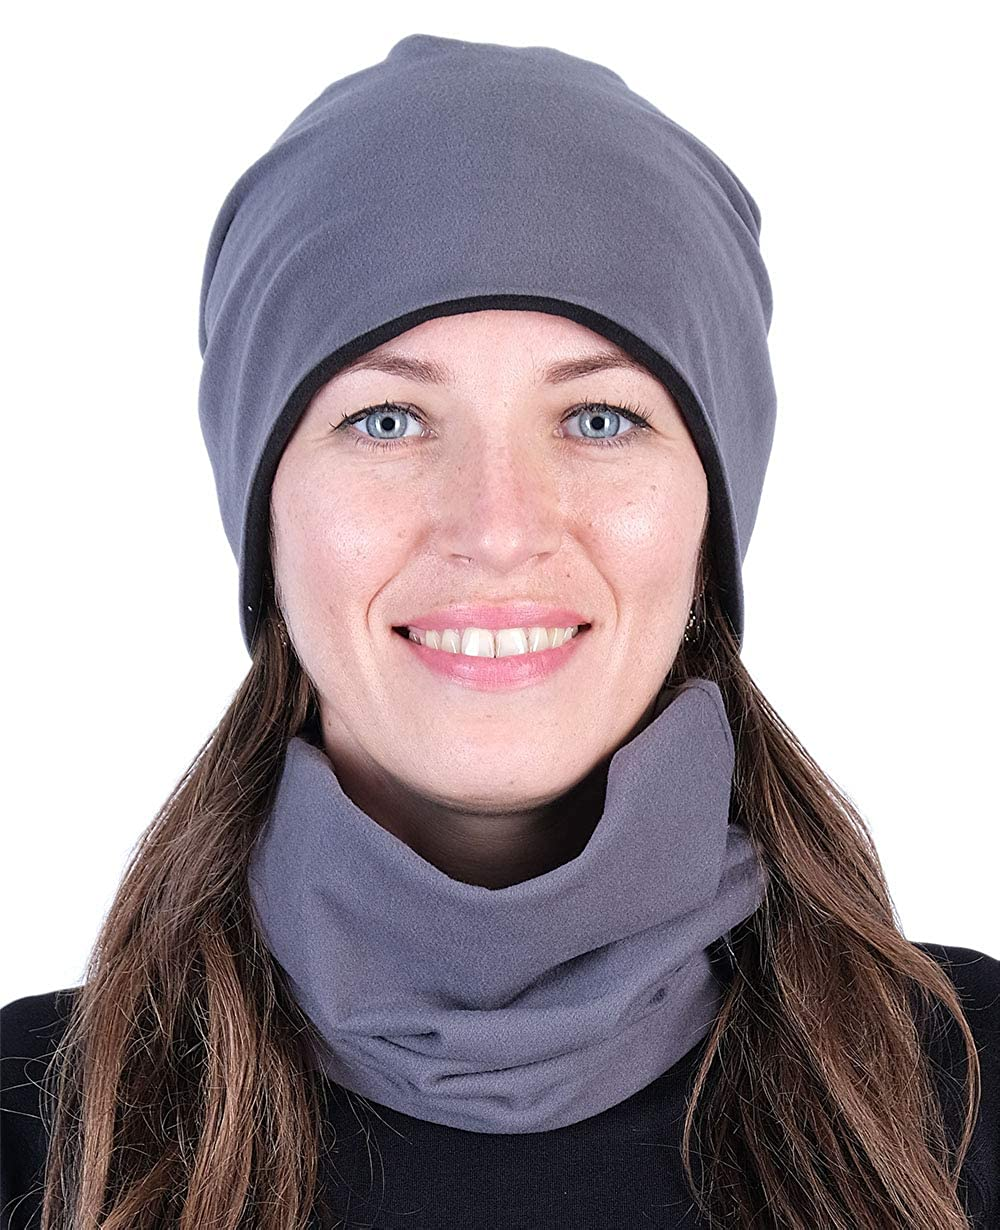 Hilltop calda sciarpa o cappello entrambi a doppio strato venduto singolarmente o come oggetto di risparmio